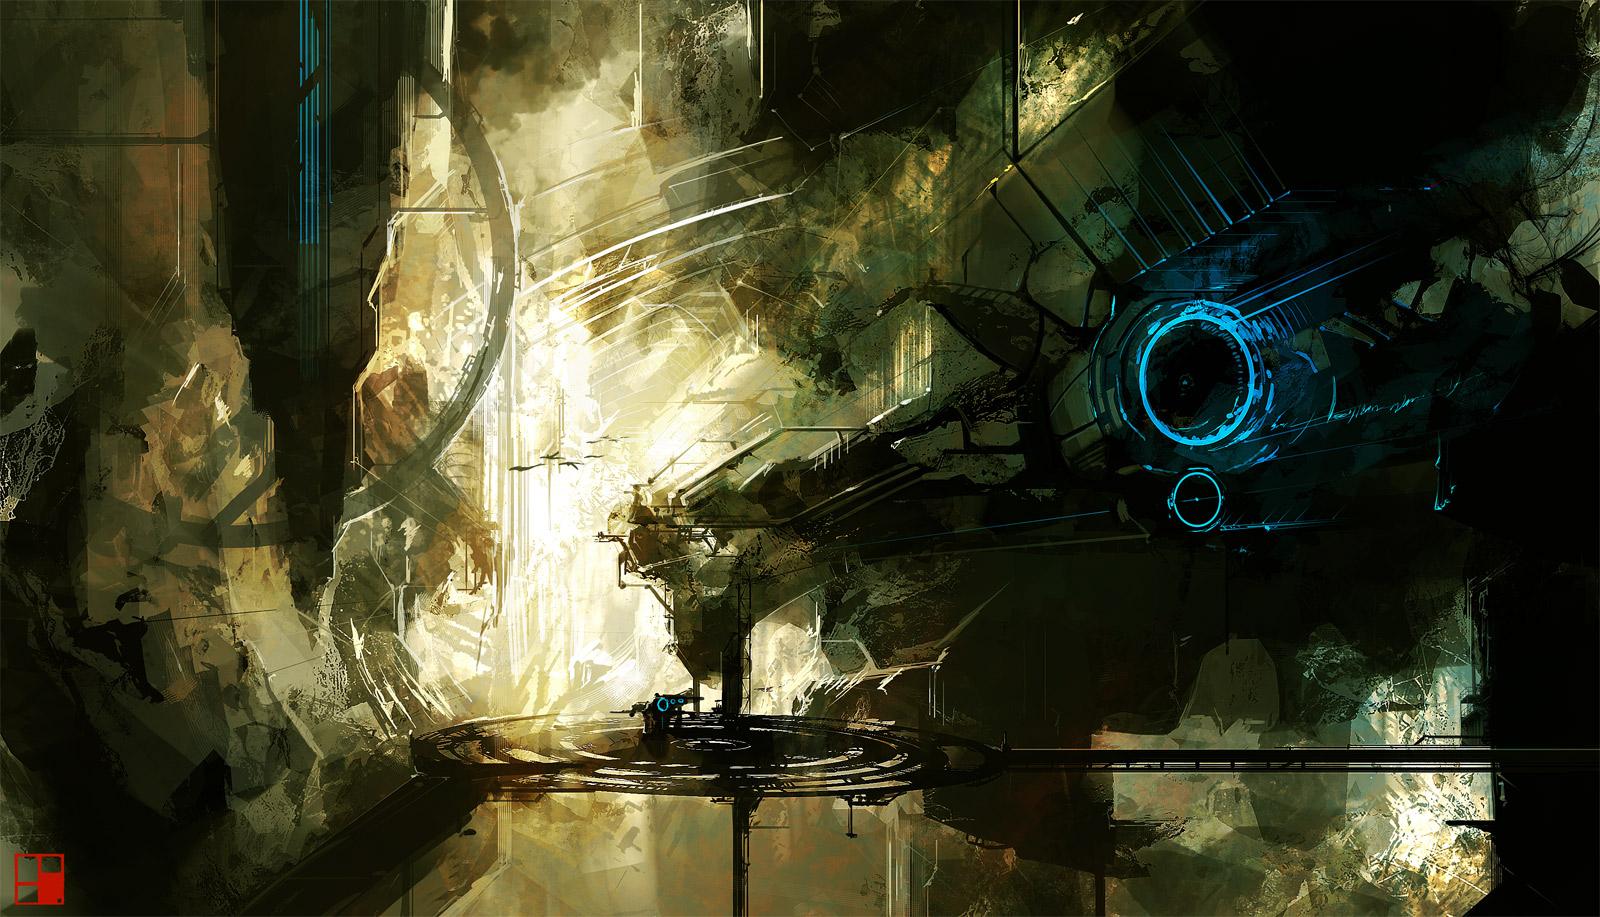 oblivion_1600